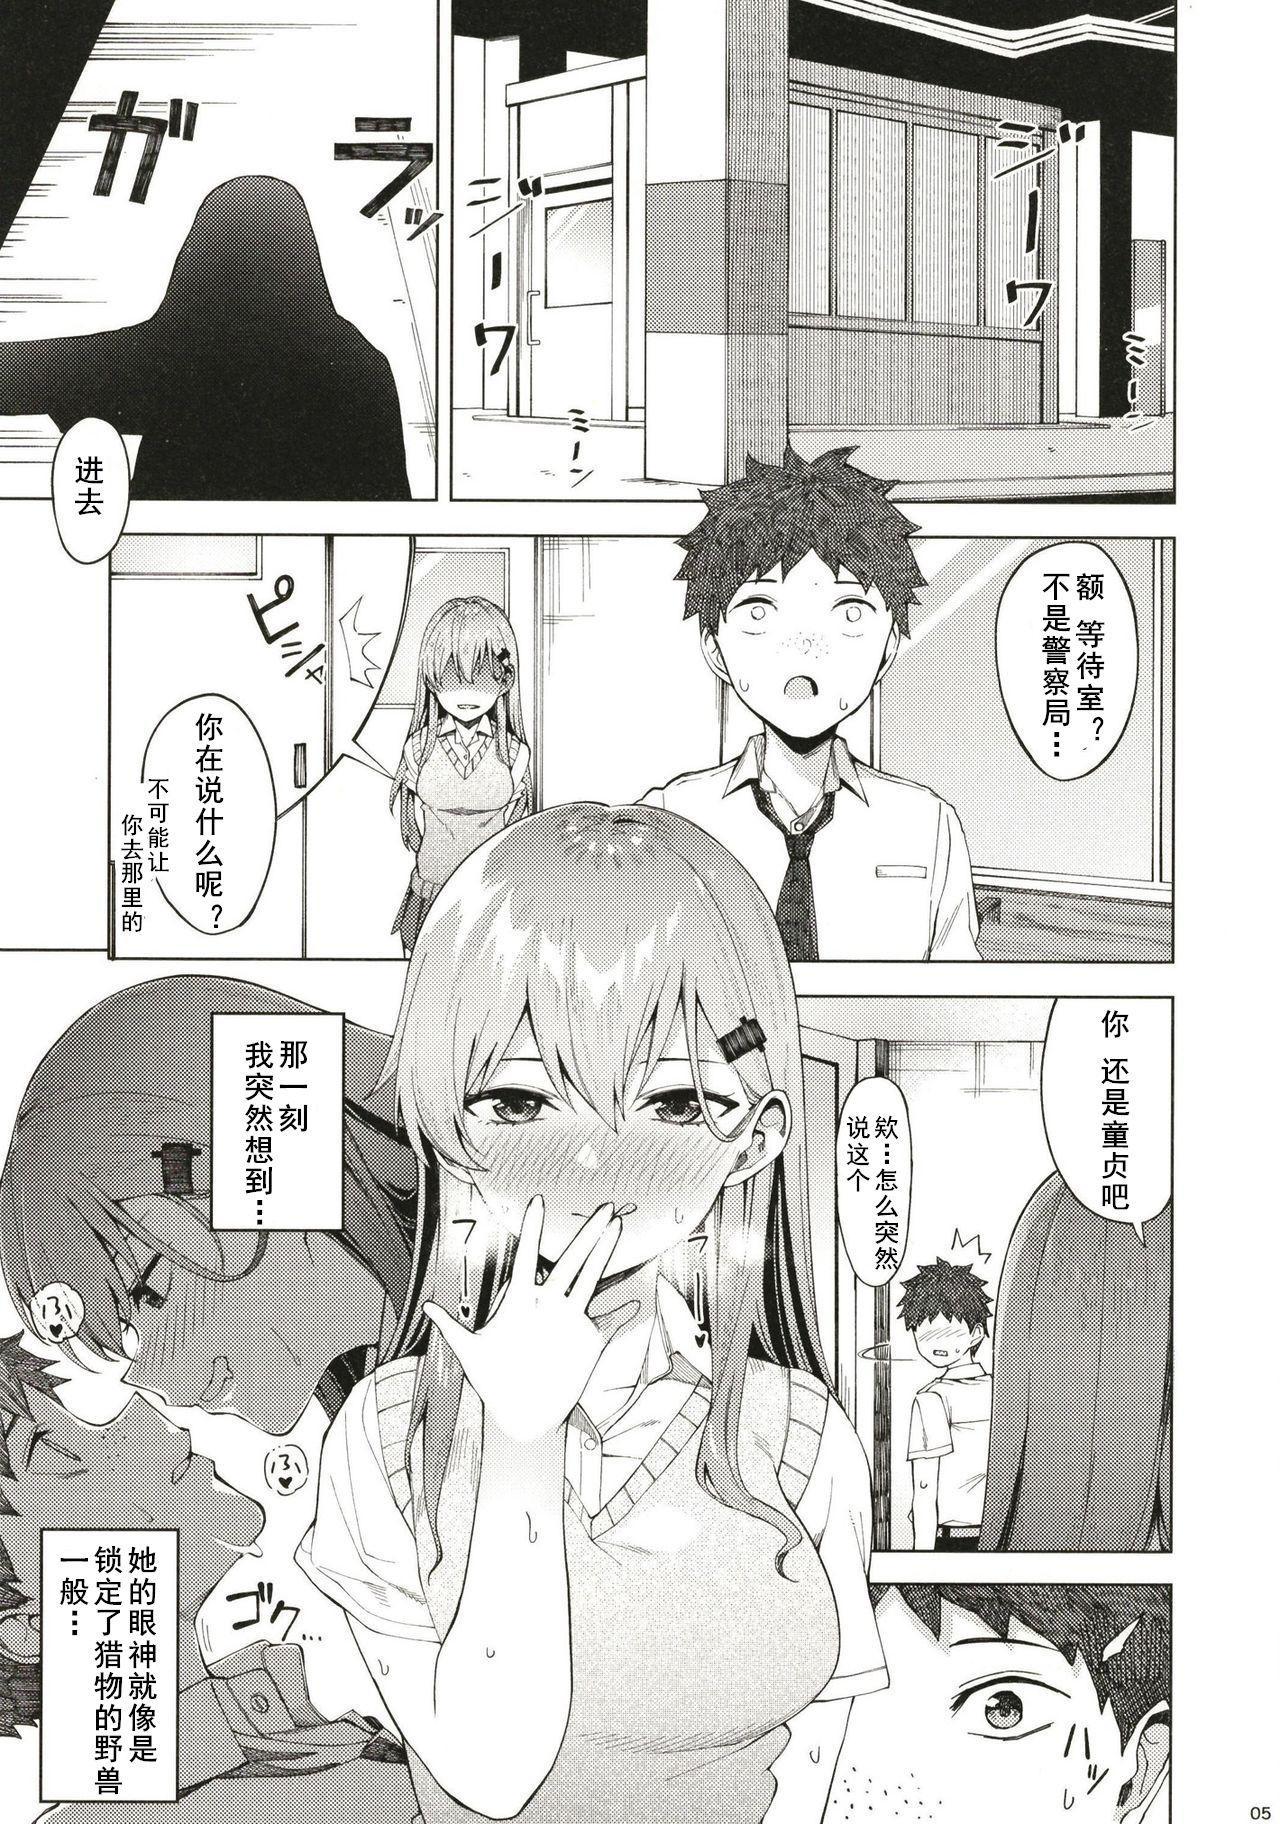 Bitch na Suzuya-san ni Doutei o Kuwaremashita. 4